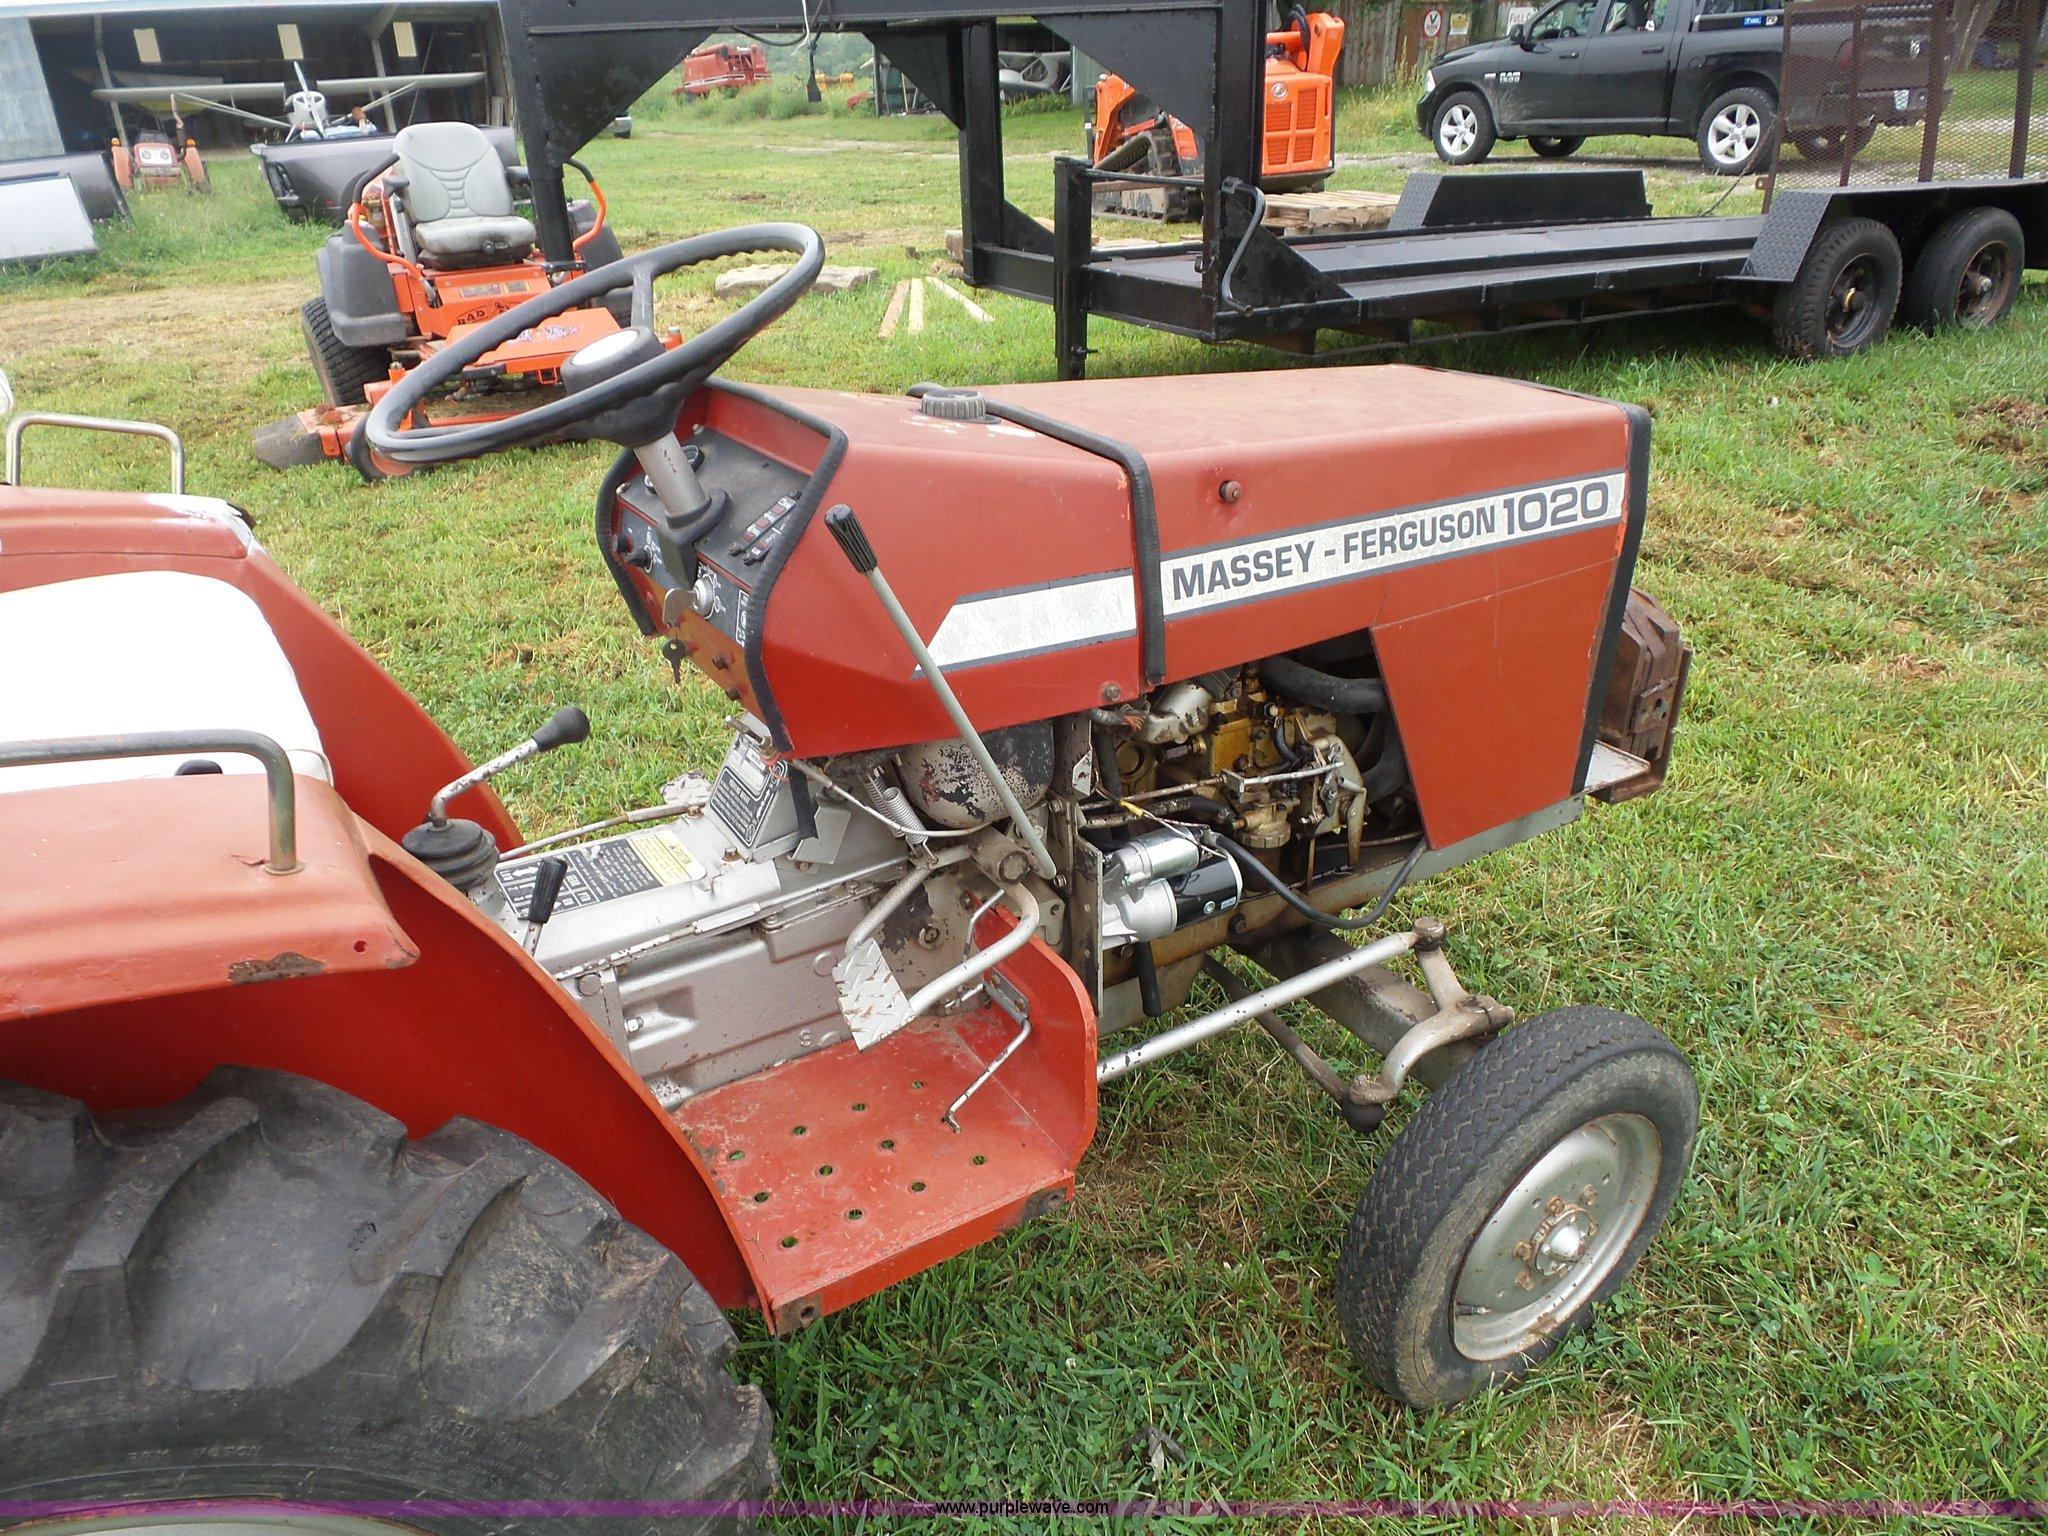 ... Massey-Ferguson 1020 tractor Full size in new window ...